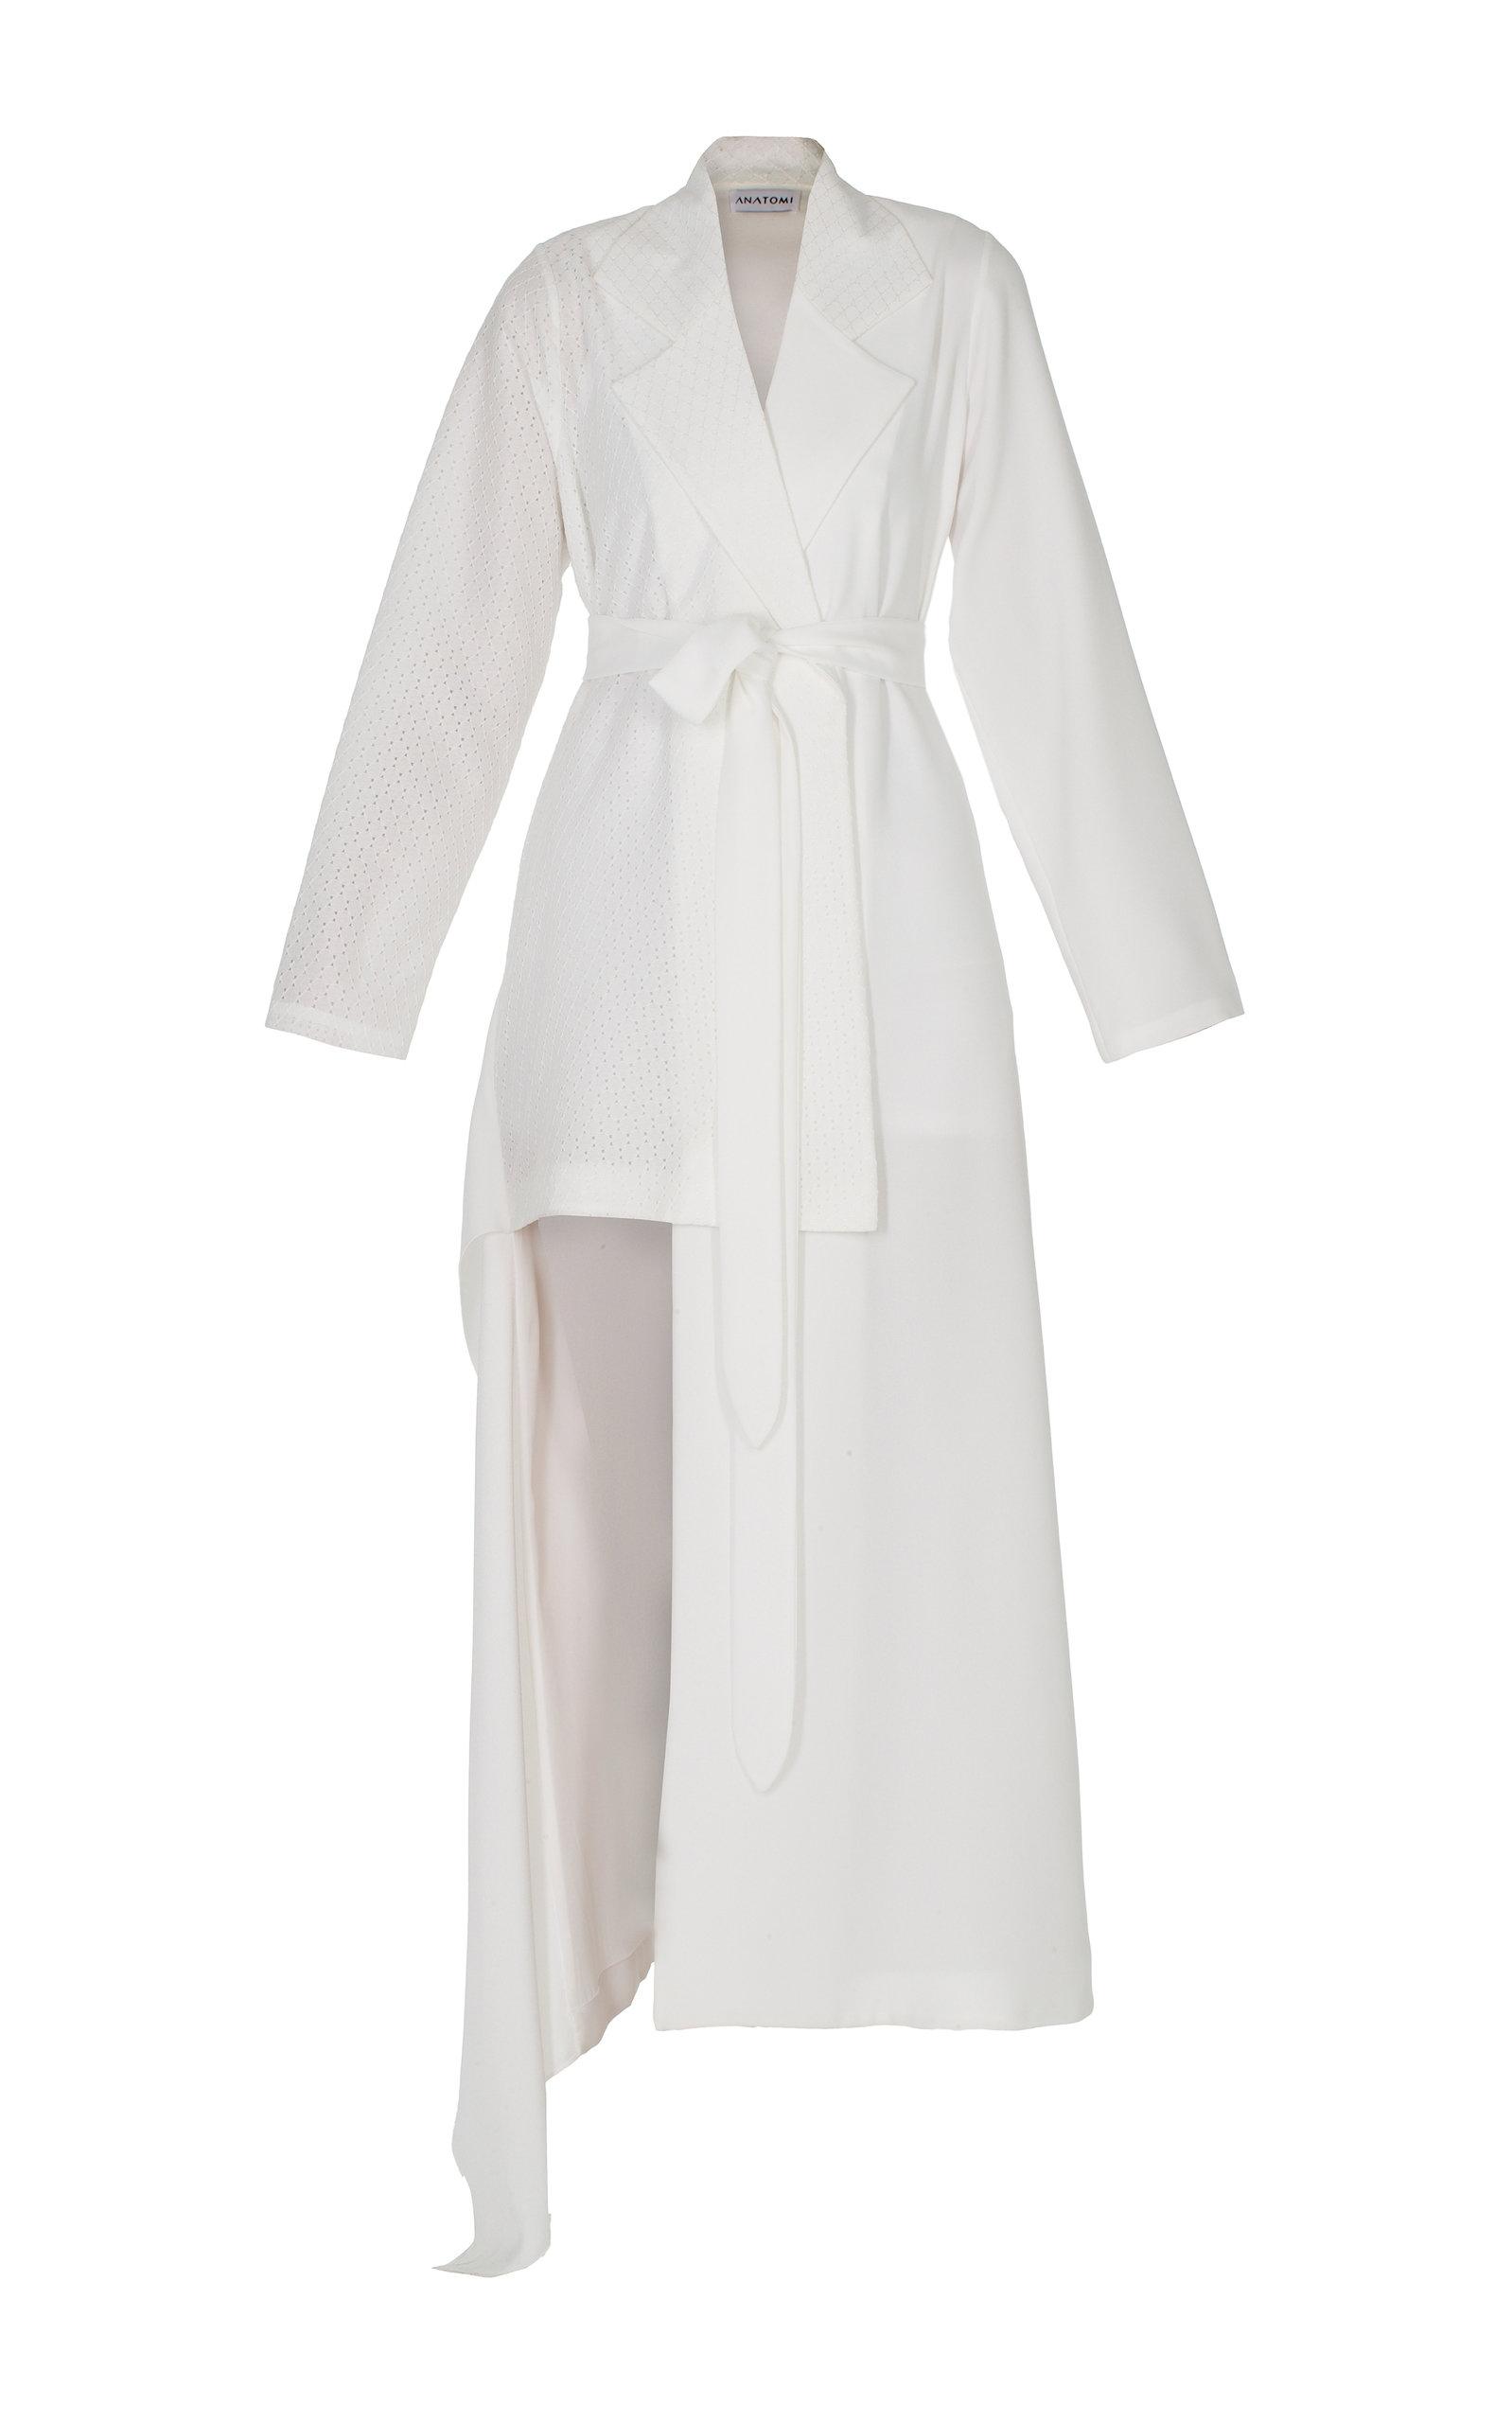 ANATOMI Freesia Asymmetrical Blazer With Tie Front in White